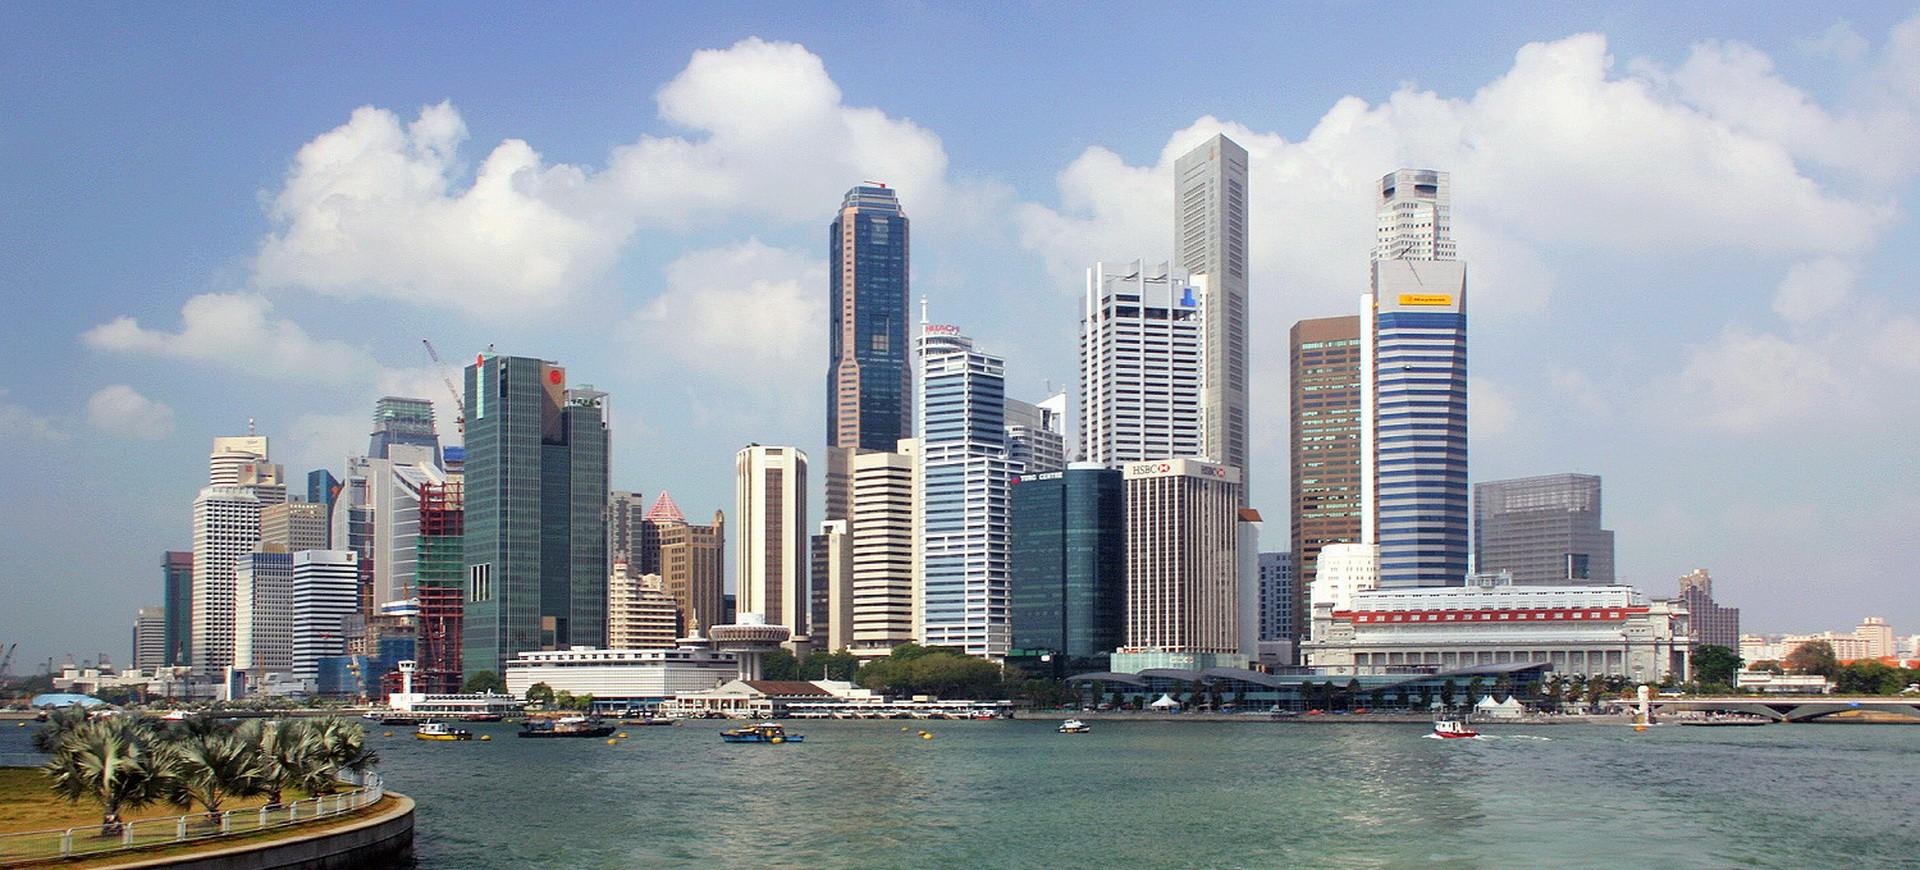 Singapour et ses gratte-ciel